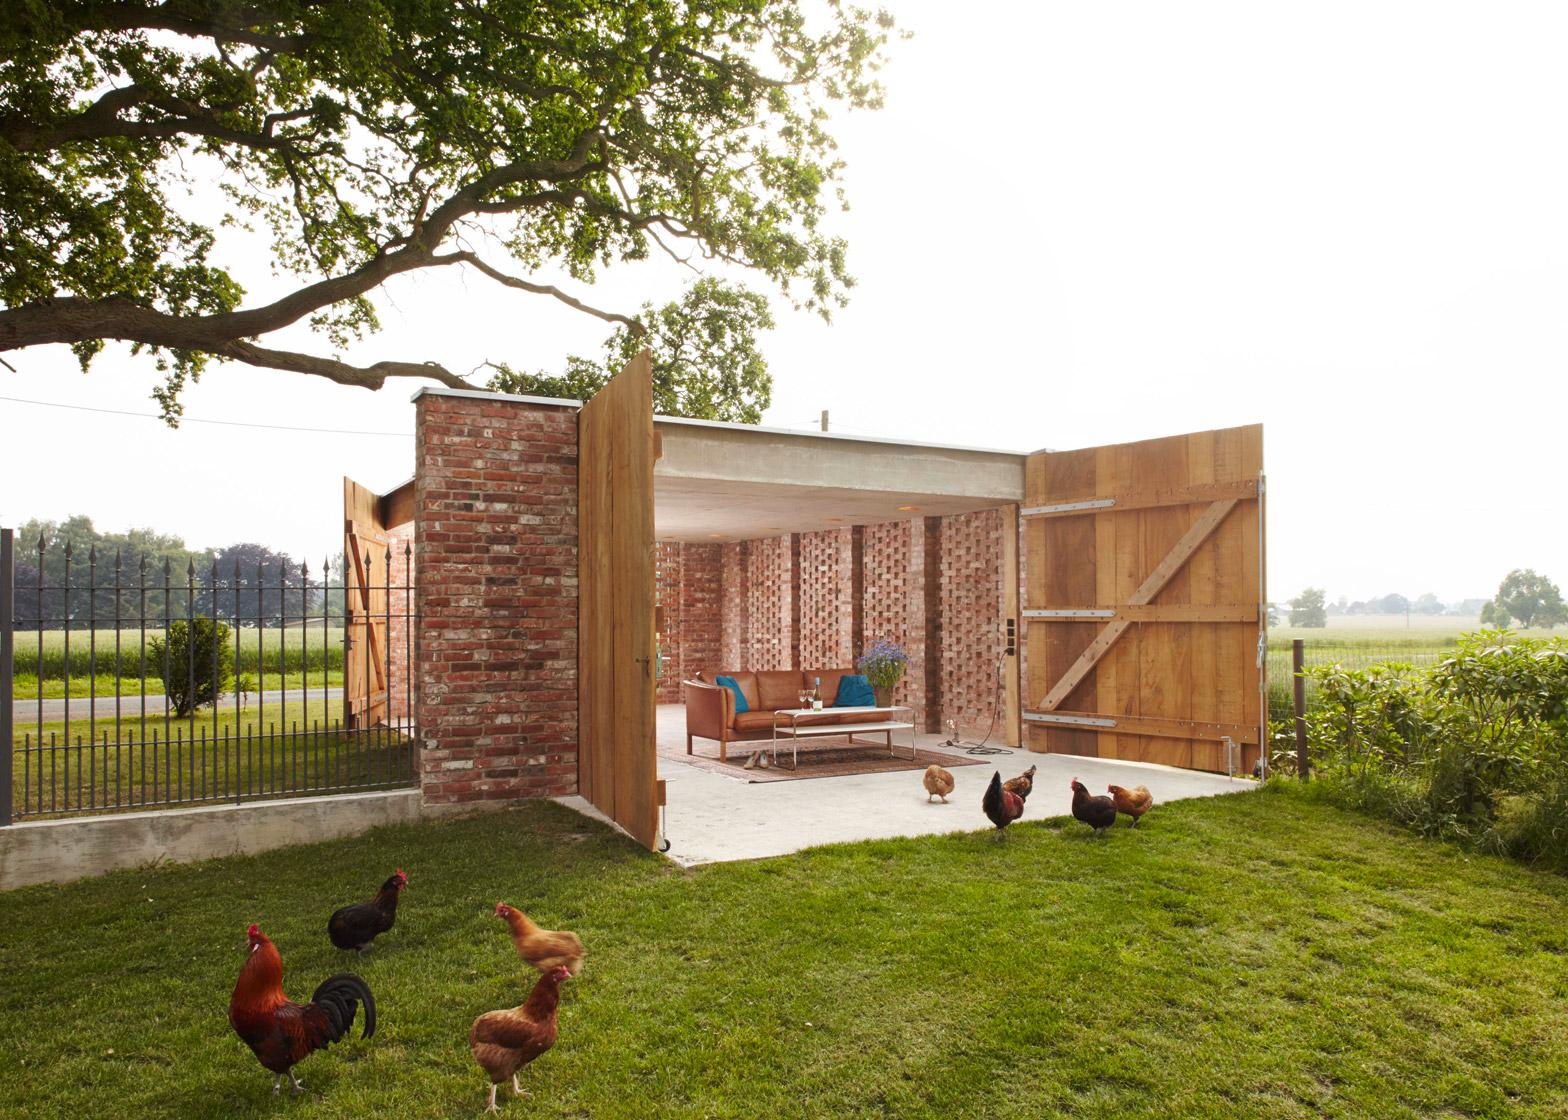 Remisenpavillon by Wirth Architekten